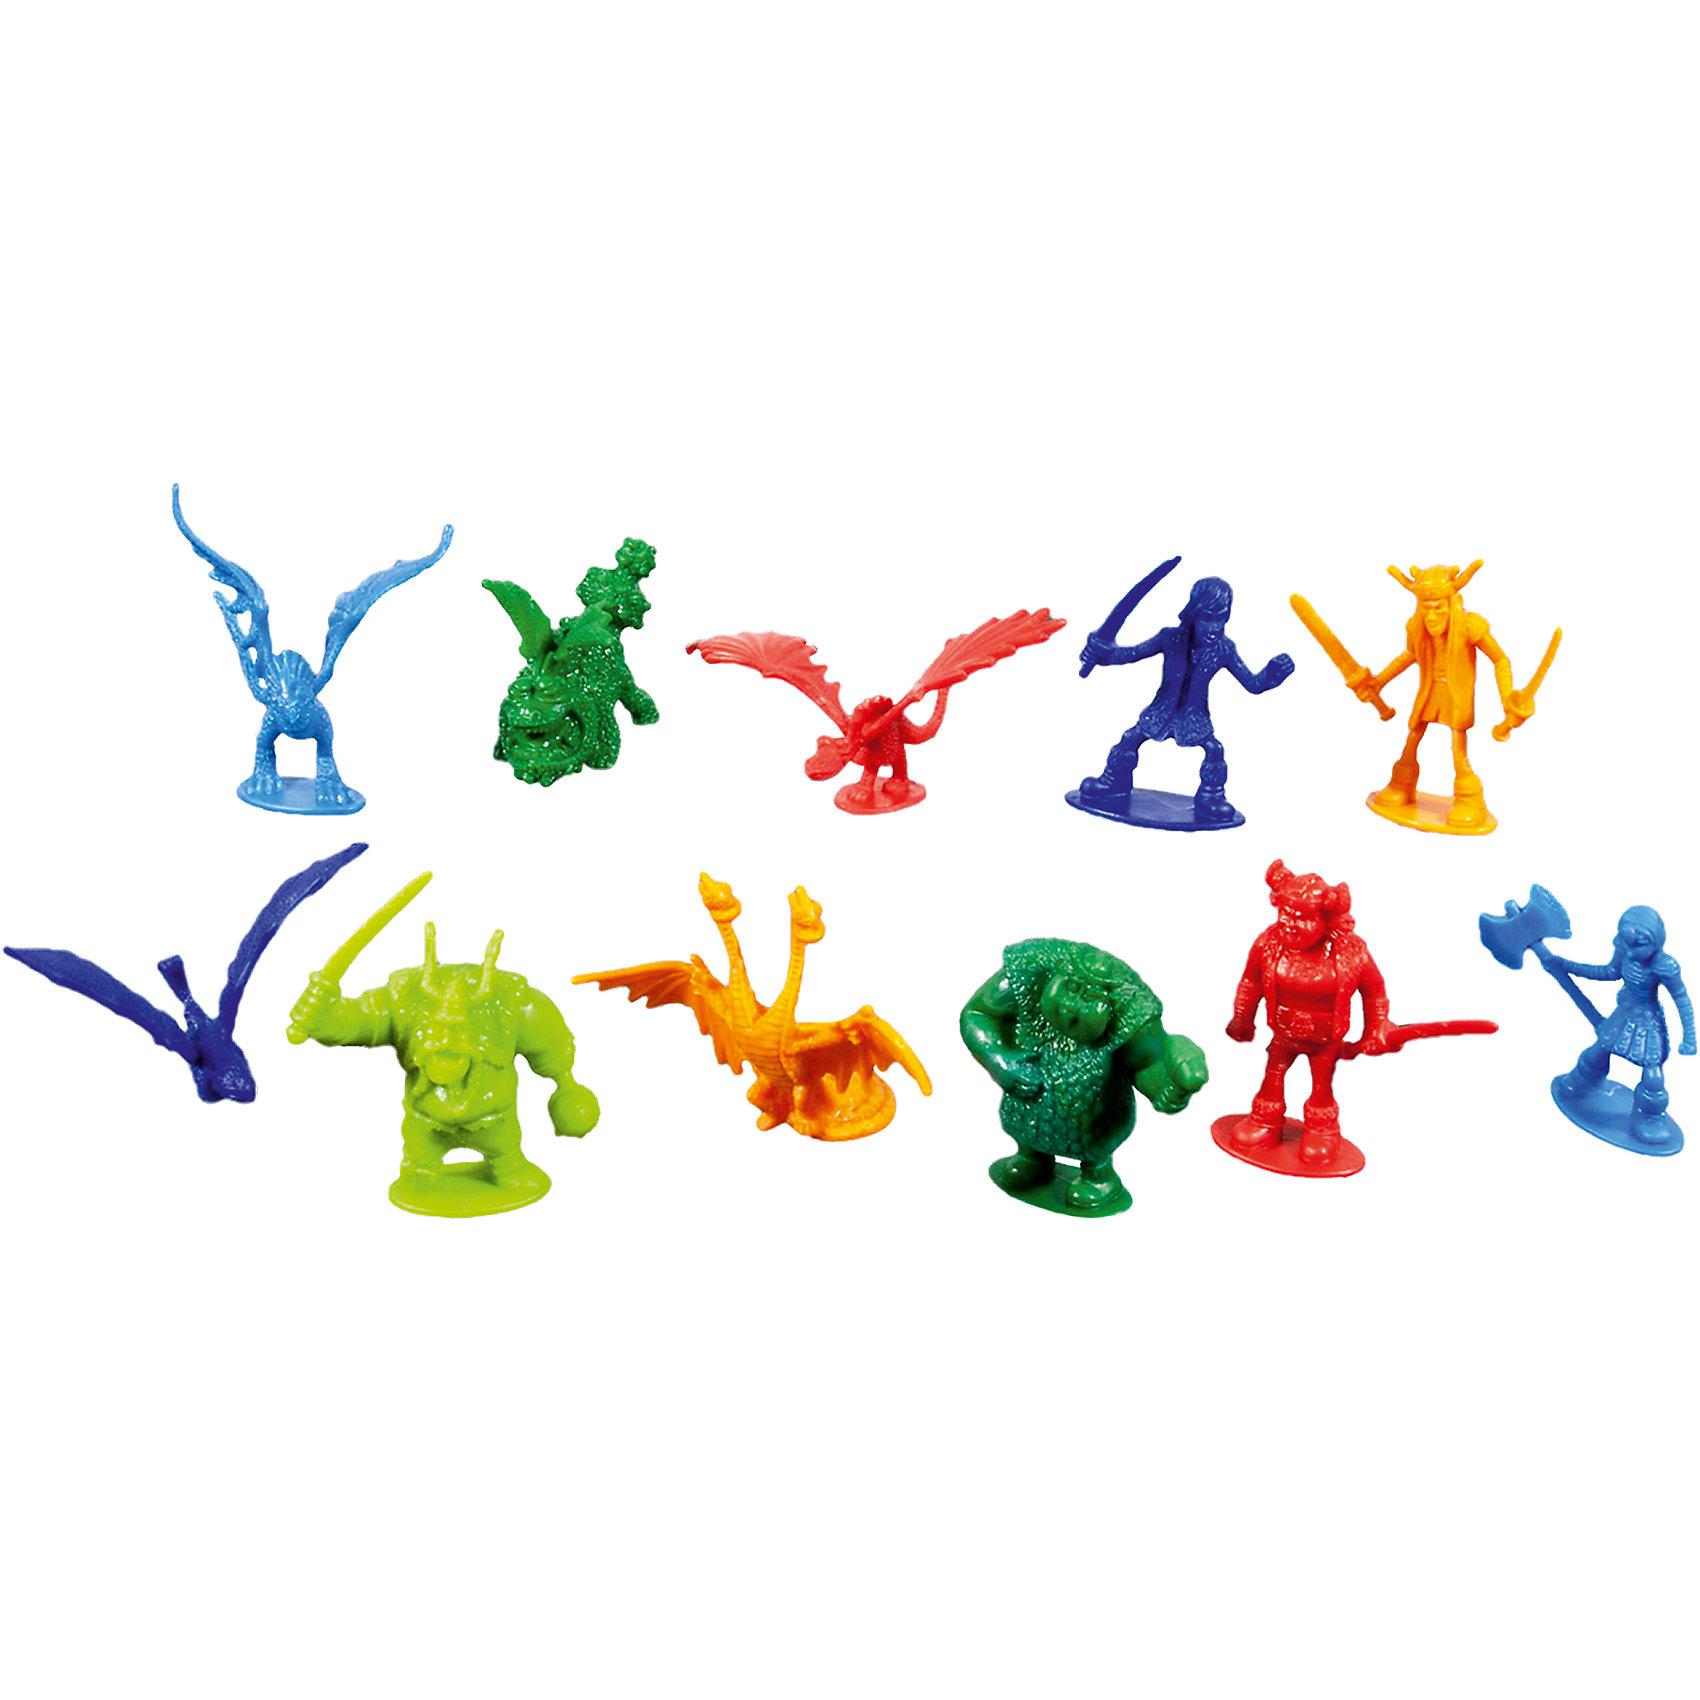 Набор маленьких драконов и викингов (Как приручить дракона), Spin MasterИгрушки<br>Набор маленьких драконов и викингов, Dragons, Spin Master - чудесный игровой набор, который порадует всех поклонников популярного мультфильма Как приручить дракона и позволит разыграть сценки с любимыми героями. В комплекте 25 мини-фигурок героев мультфильма, среди них 18 драконов и 7 отважных викингов, которые отправляются на сражение верхом на друзьях-драконах. Фигурки прекрасно детализированы, некоторые из них повторяются в наборе дважды. Каждая фигурка для устойчивости оснащена подставкой. Фигурки выполнены из цветного высококачественного пластика, материал нетоксичен и не вызывает аллергии. Набор для удобства хранения упакован в банку с крышкой.<br><br>Дополнительная информация:<br><br>- В комплекте 25 фигурок: Драконы - синий Беззубик (2 шт.), черный Беззубик (2 шт.), салатовый Барс и Вепр, синий Барс и Вепрь, красный Кривоклык (2 шт.), оранжевый Кривоклык (2 шт.), желтая Громгильда (2 шт.), зеленая Сарделька, серая Громгильда (2 шт.), желтая Сарделька;<br>  Викинги - черный Иккинг, синий Иккинг, Астрид, Рыбьеног, Задирака, Сморкало, Плевака.<br>- Материал: высококачественный пластик.<br>- Высота фигурок: 4 см.<br>- Размер упаковки: 15 х 15 х 11,5 см.<br>- Вес: 0,335 кг.<br><br>Набор маленьких драконов и викингов, Dragons, Spin Master (Спинмастер) можно купить в нашем интернет-магазине.<br><br>Ширина мм: 150<br>Глубина мм: 115<br>Высота мм: 150<br>Вес г: 335<br>Возраст от месяцев: 36<br>Возраст до месяцев: 120<br>Пол: Мужской<br>Возраст: Детский<br>SKU: 4030039